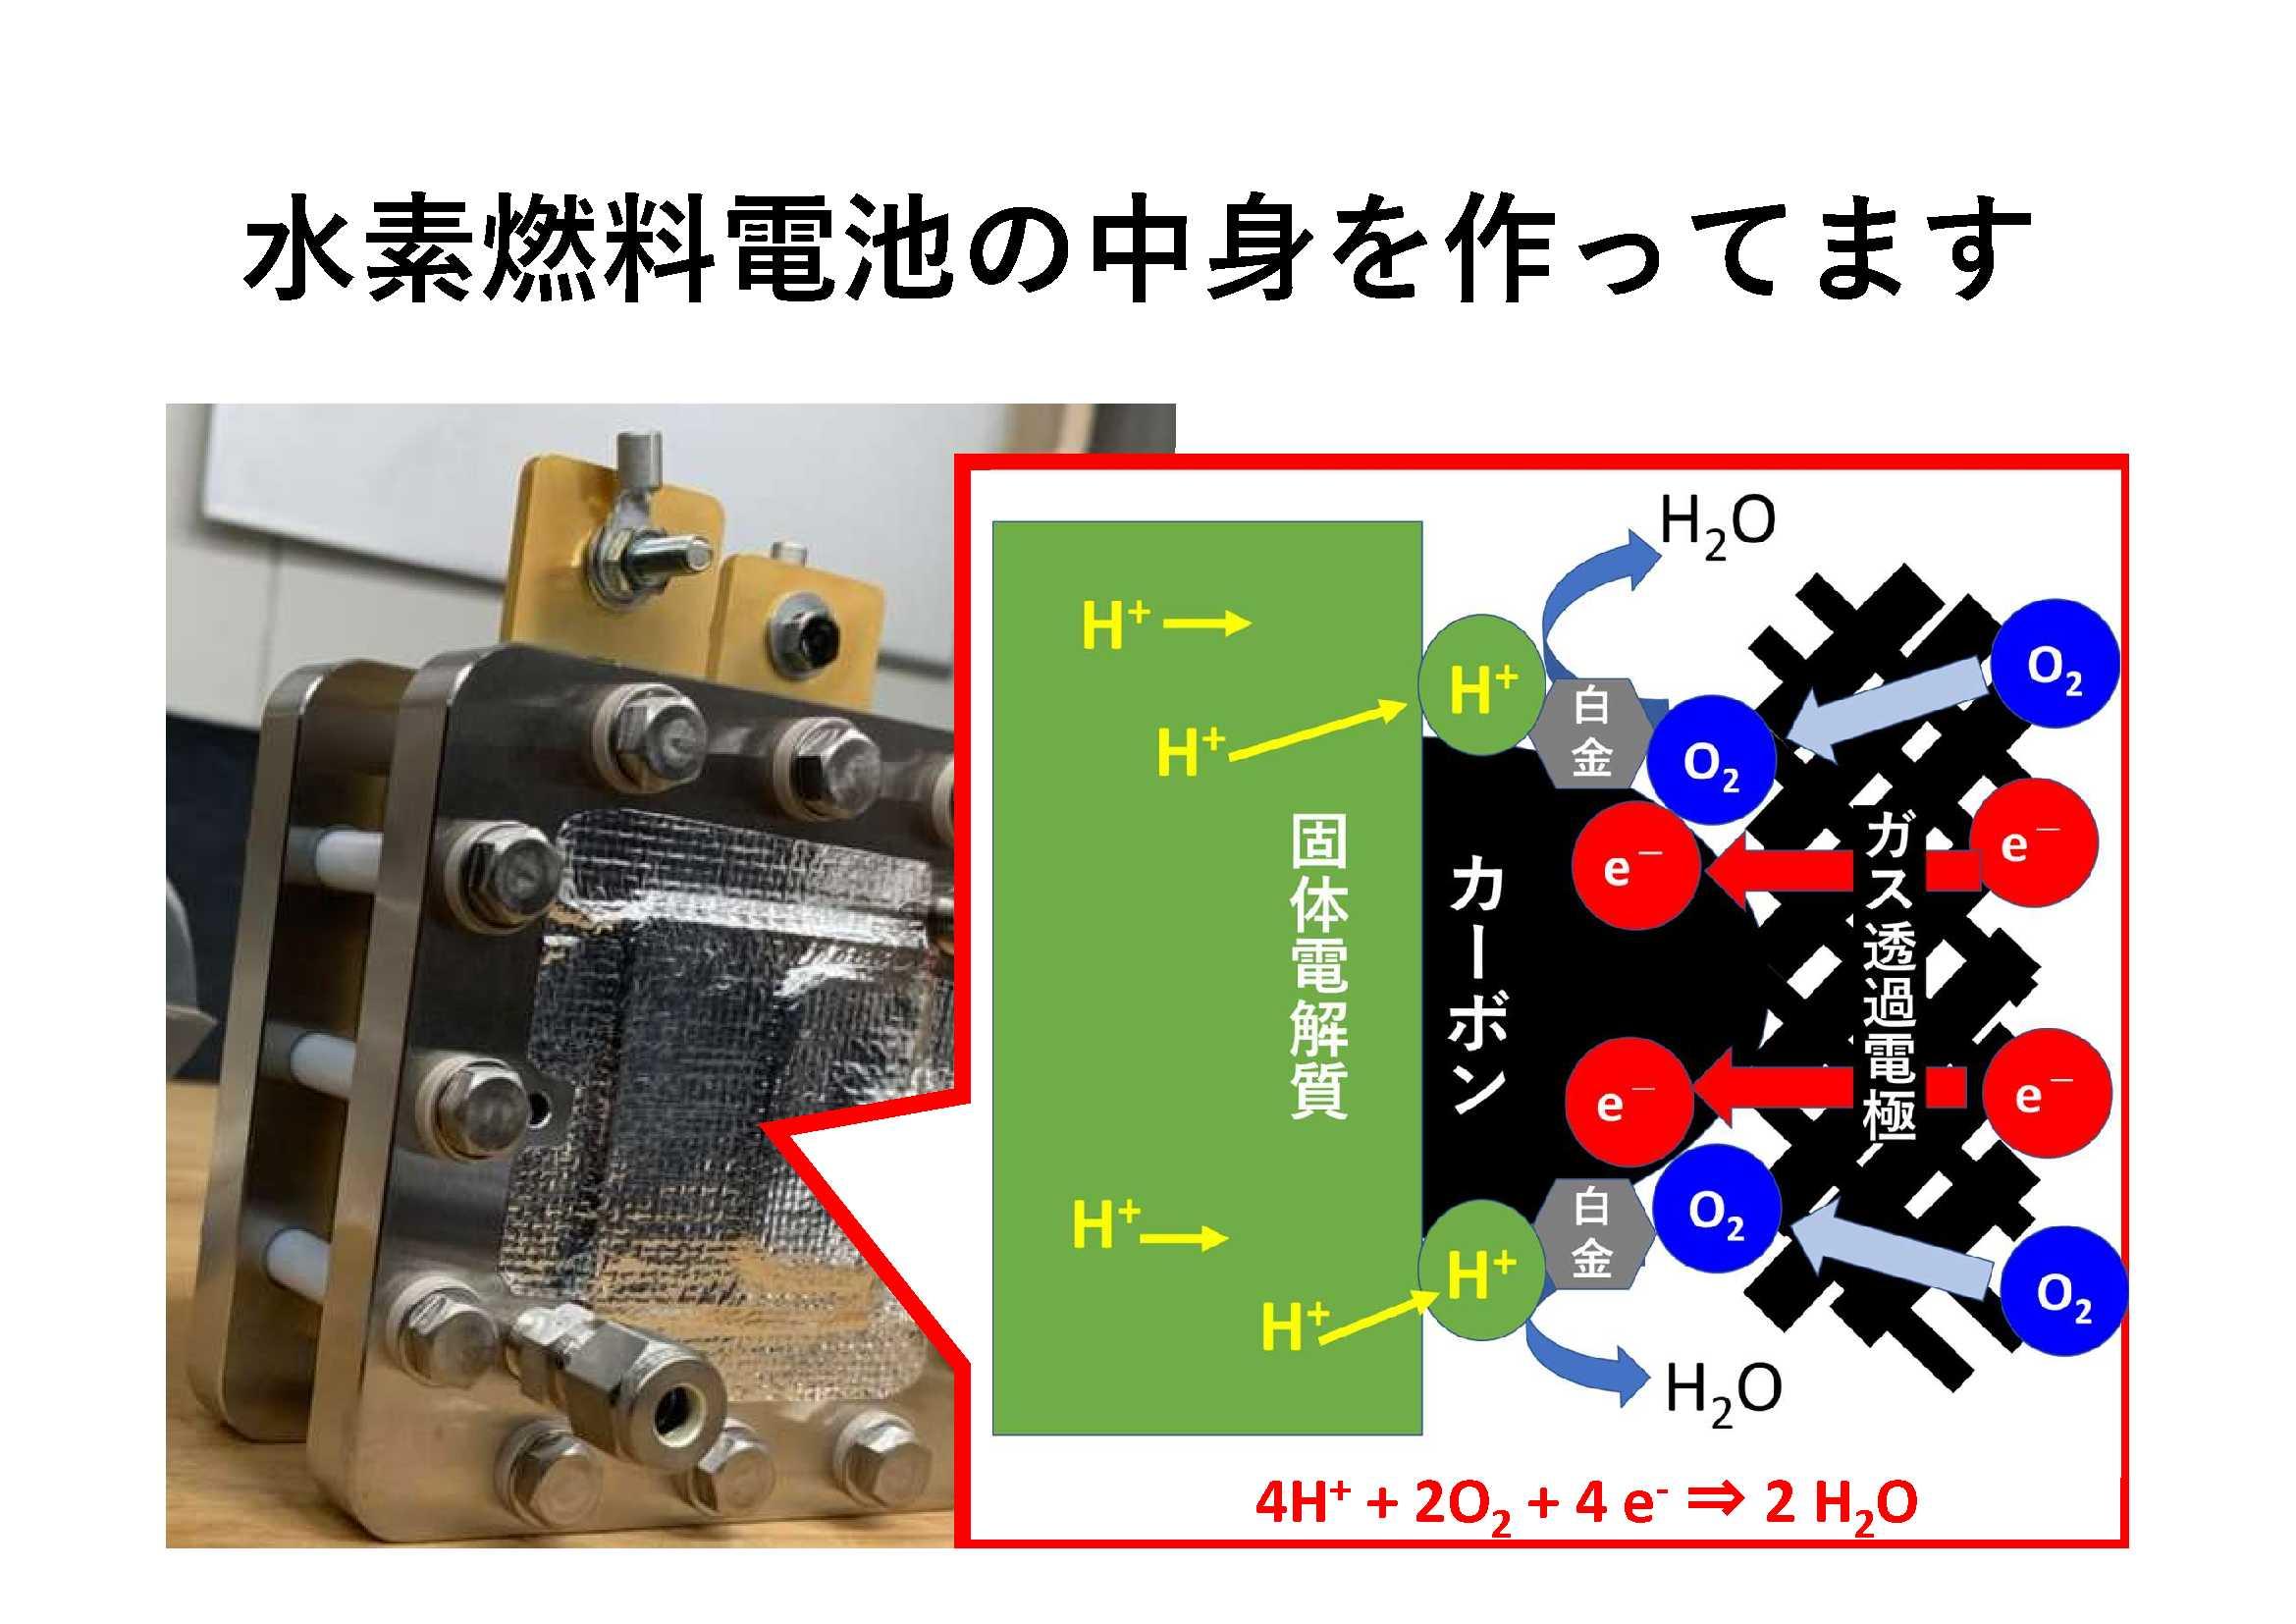 6 水素エネルギー共同研究センター活動 ~水素燃料電池の高機能化~